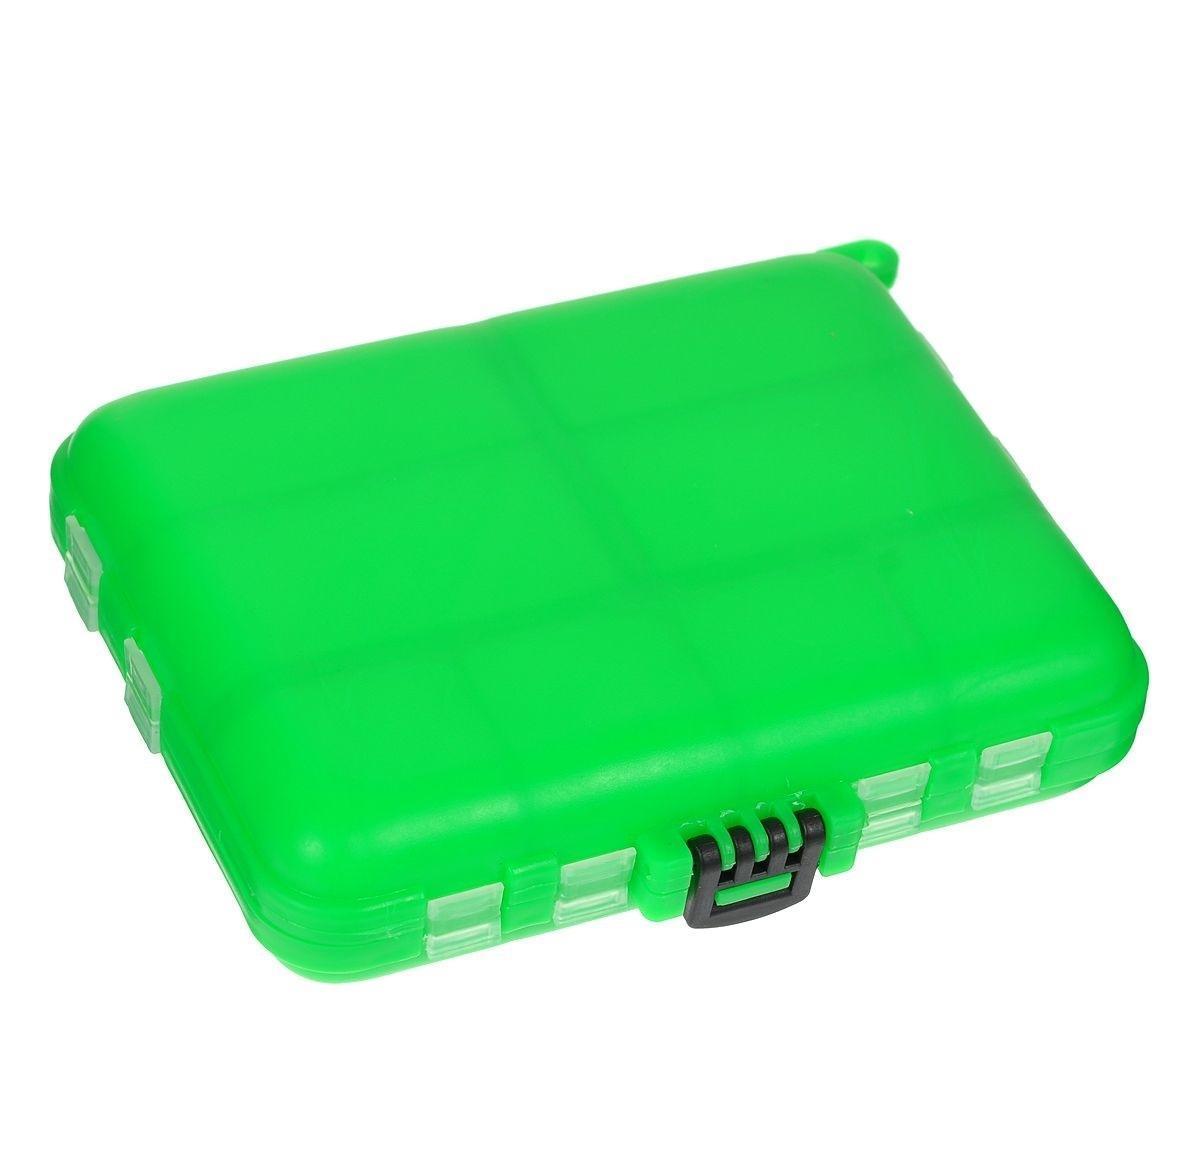 Органайзер для мелочей,, двухсторонний, цвет: зеленый 12 х 10 х 2,5 см, Три кита